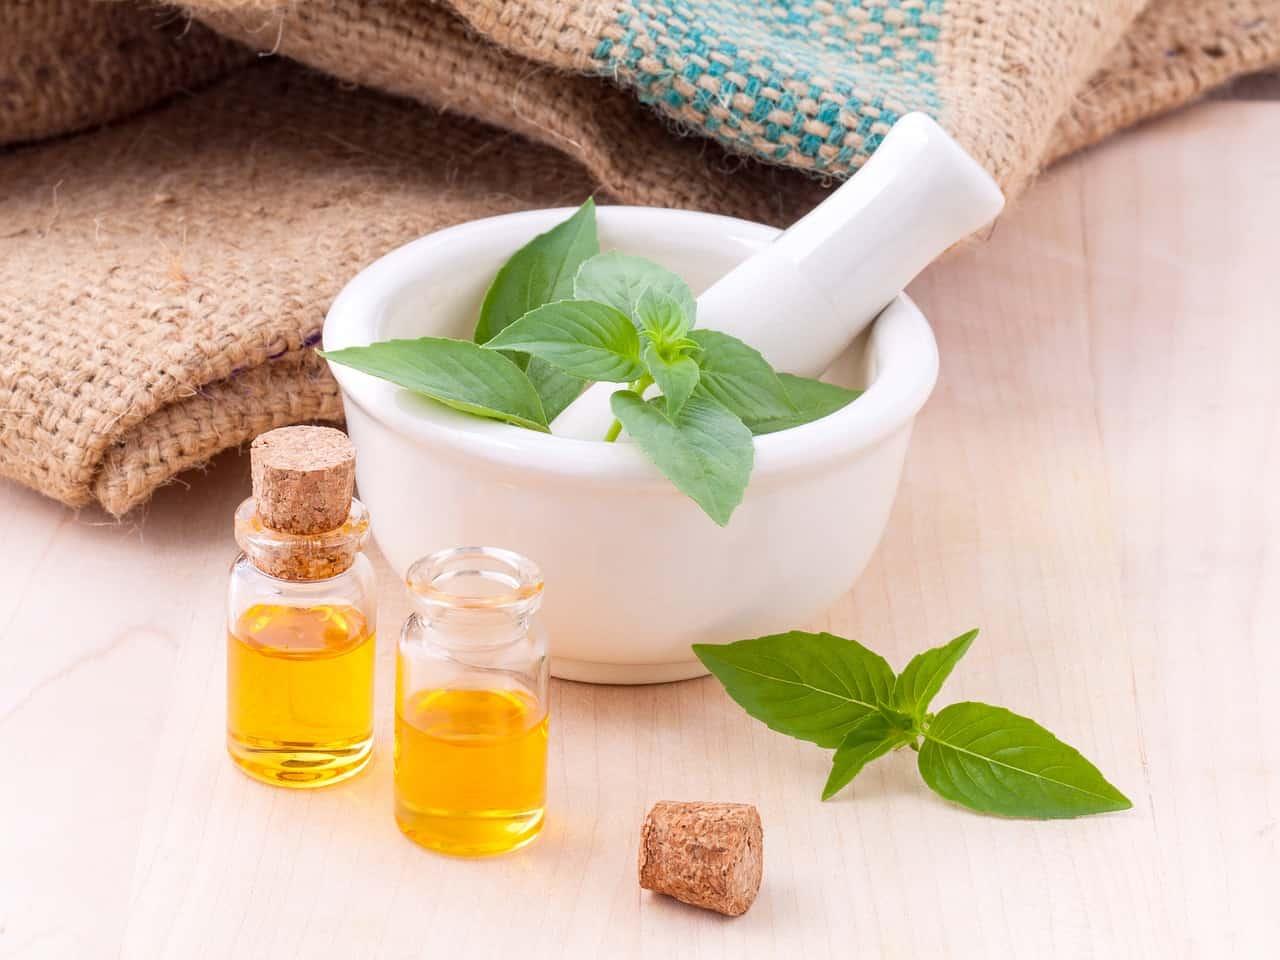 jars of essential oils for fatty liver